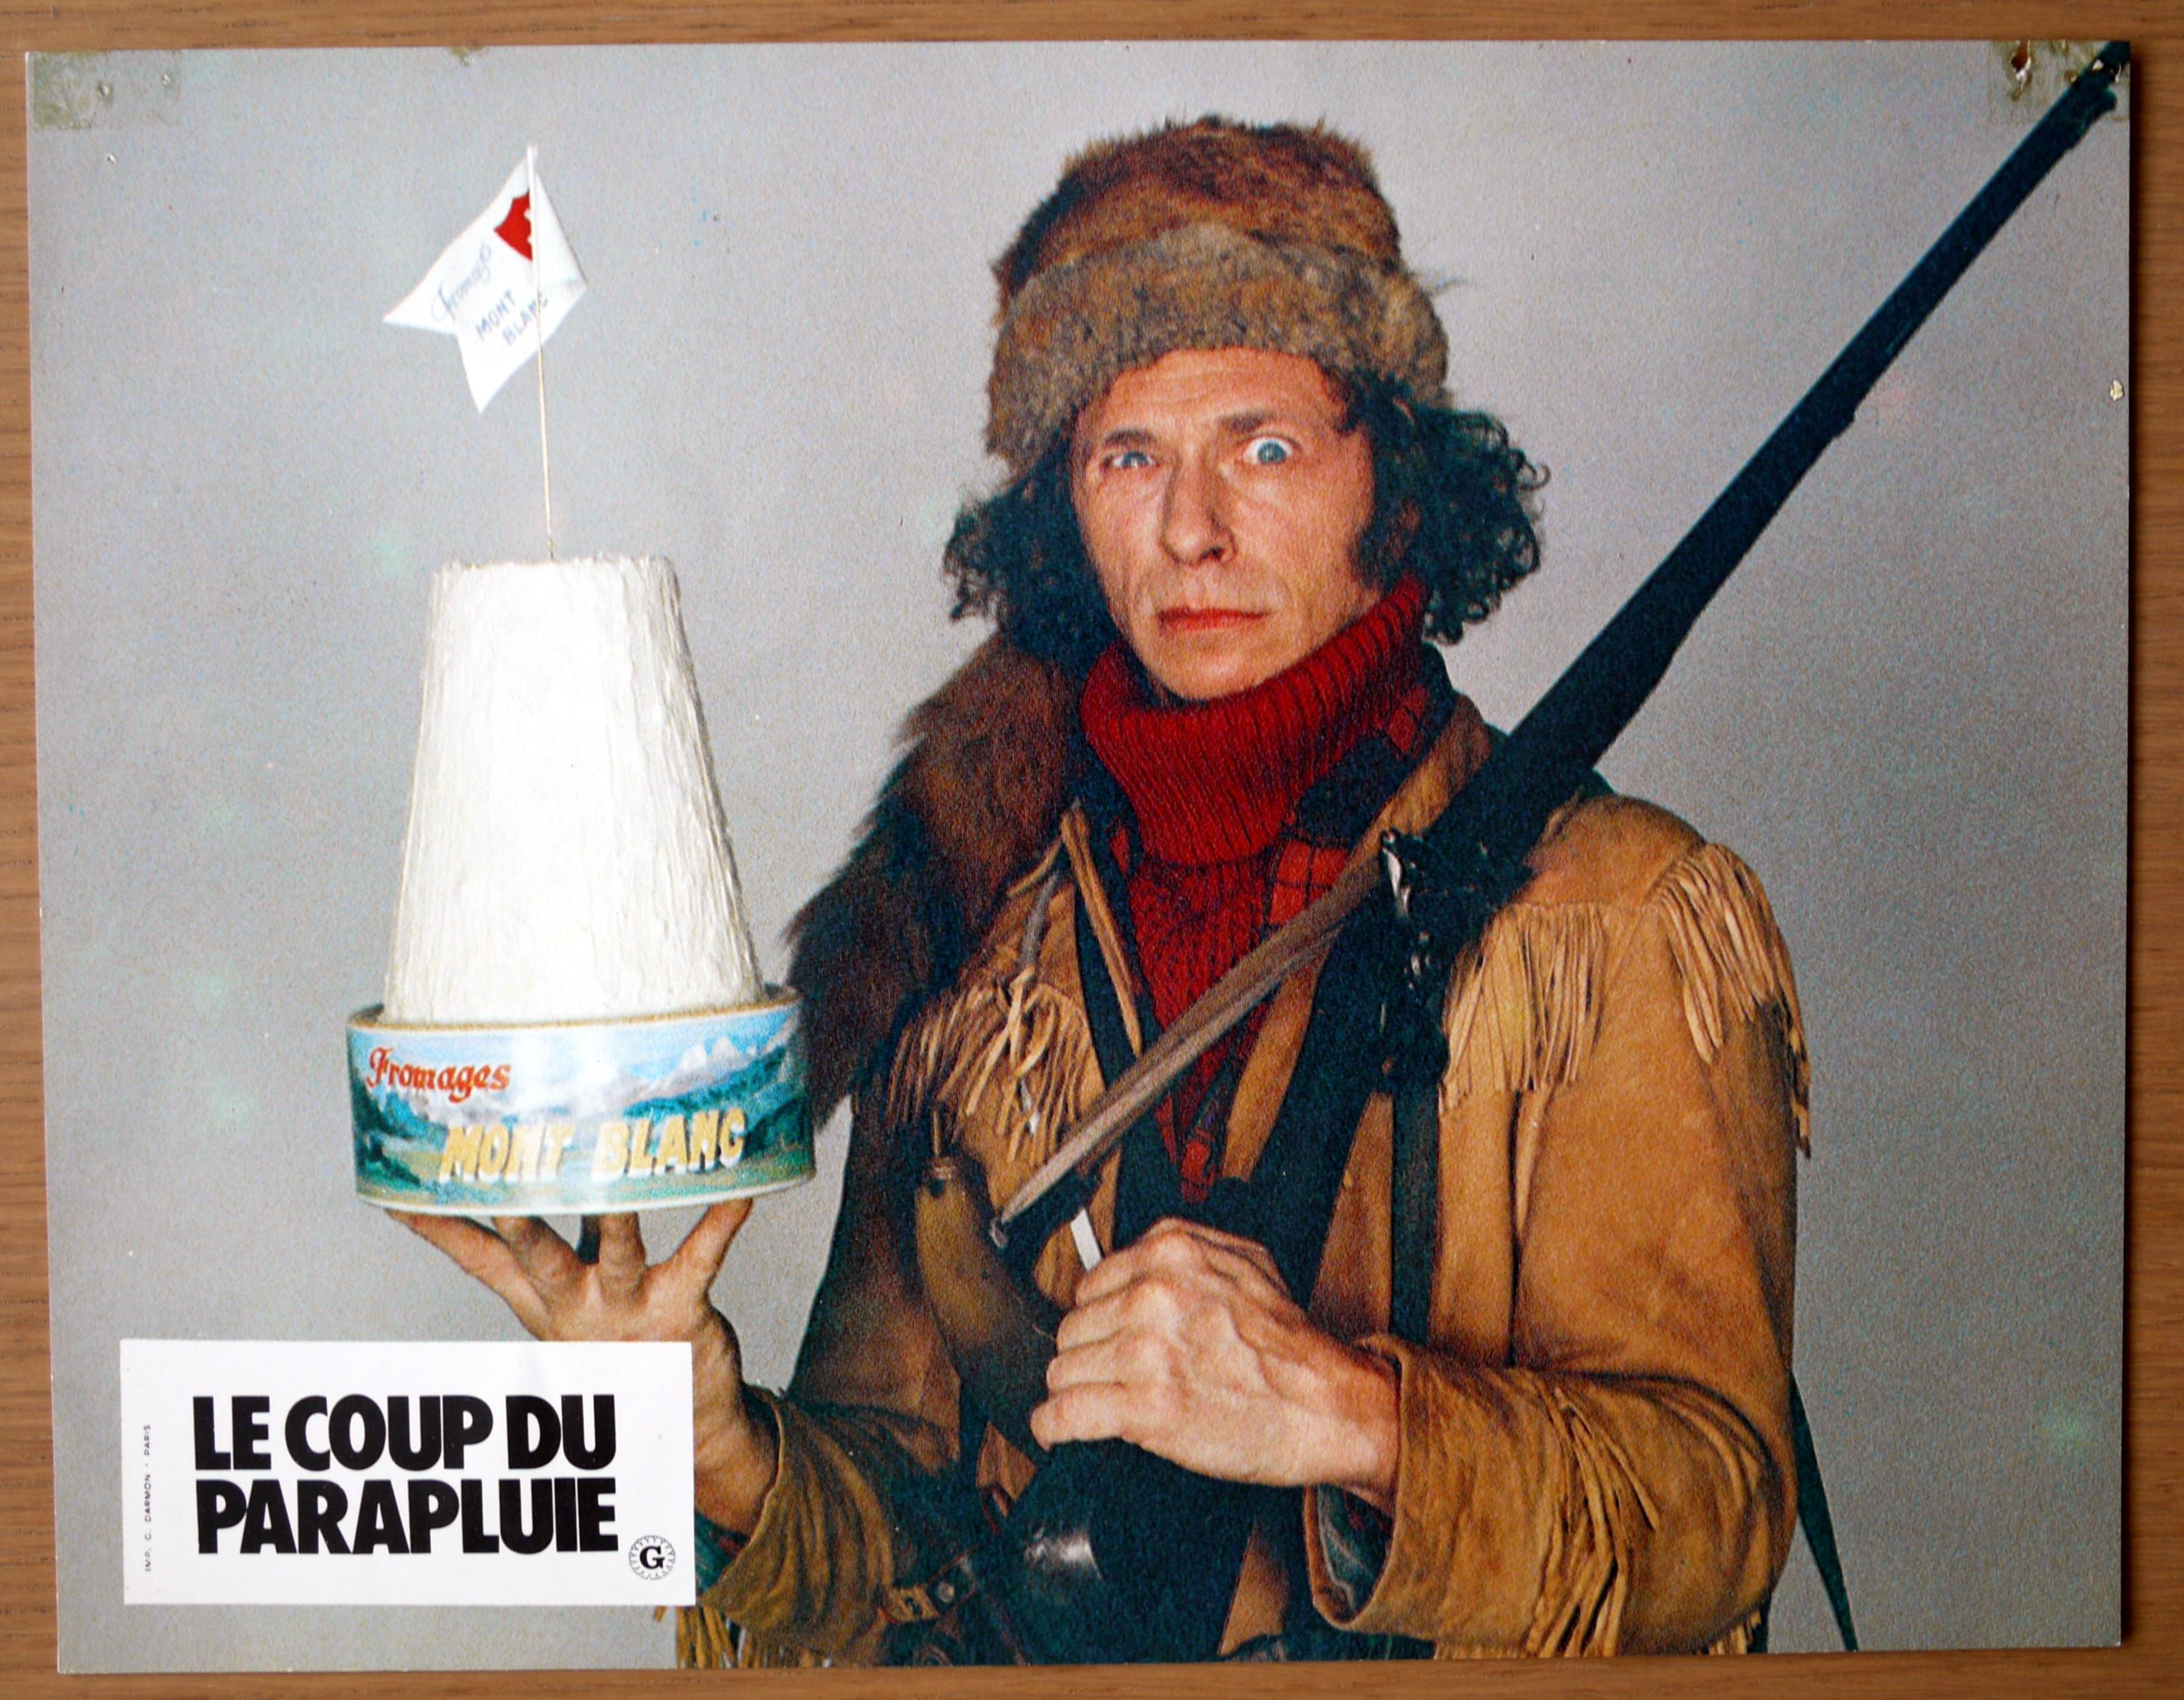 PARAPLUIE TÉLÉCHARGER LE COUP DVDRIP DU